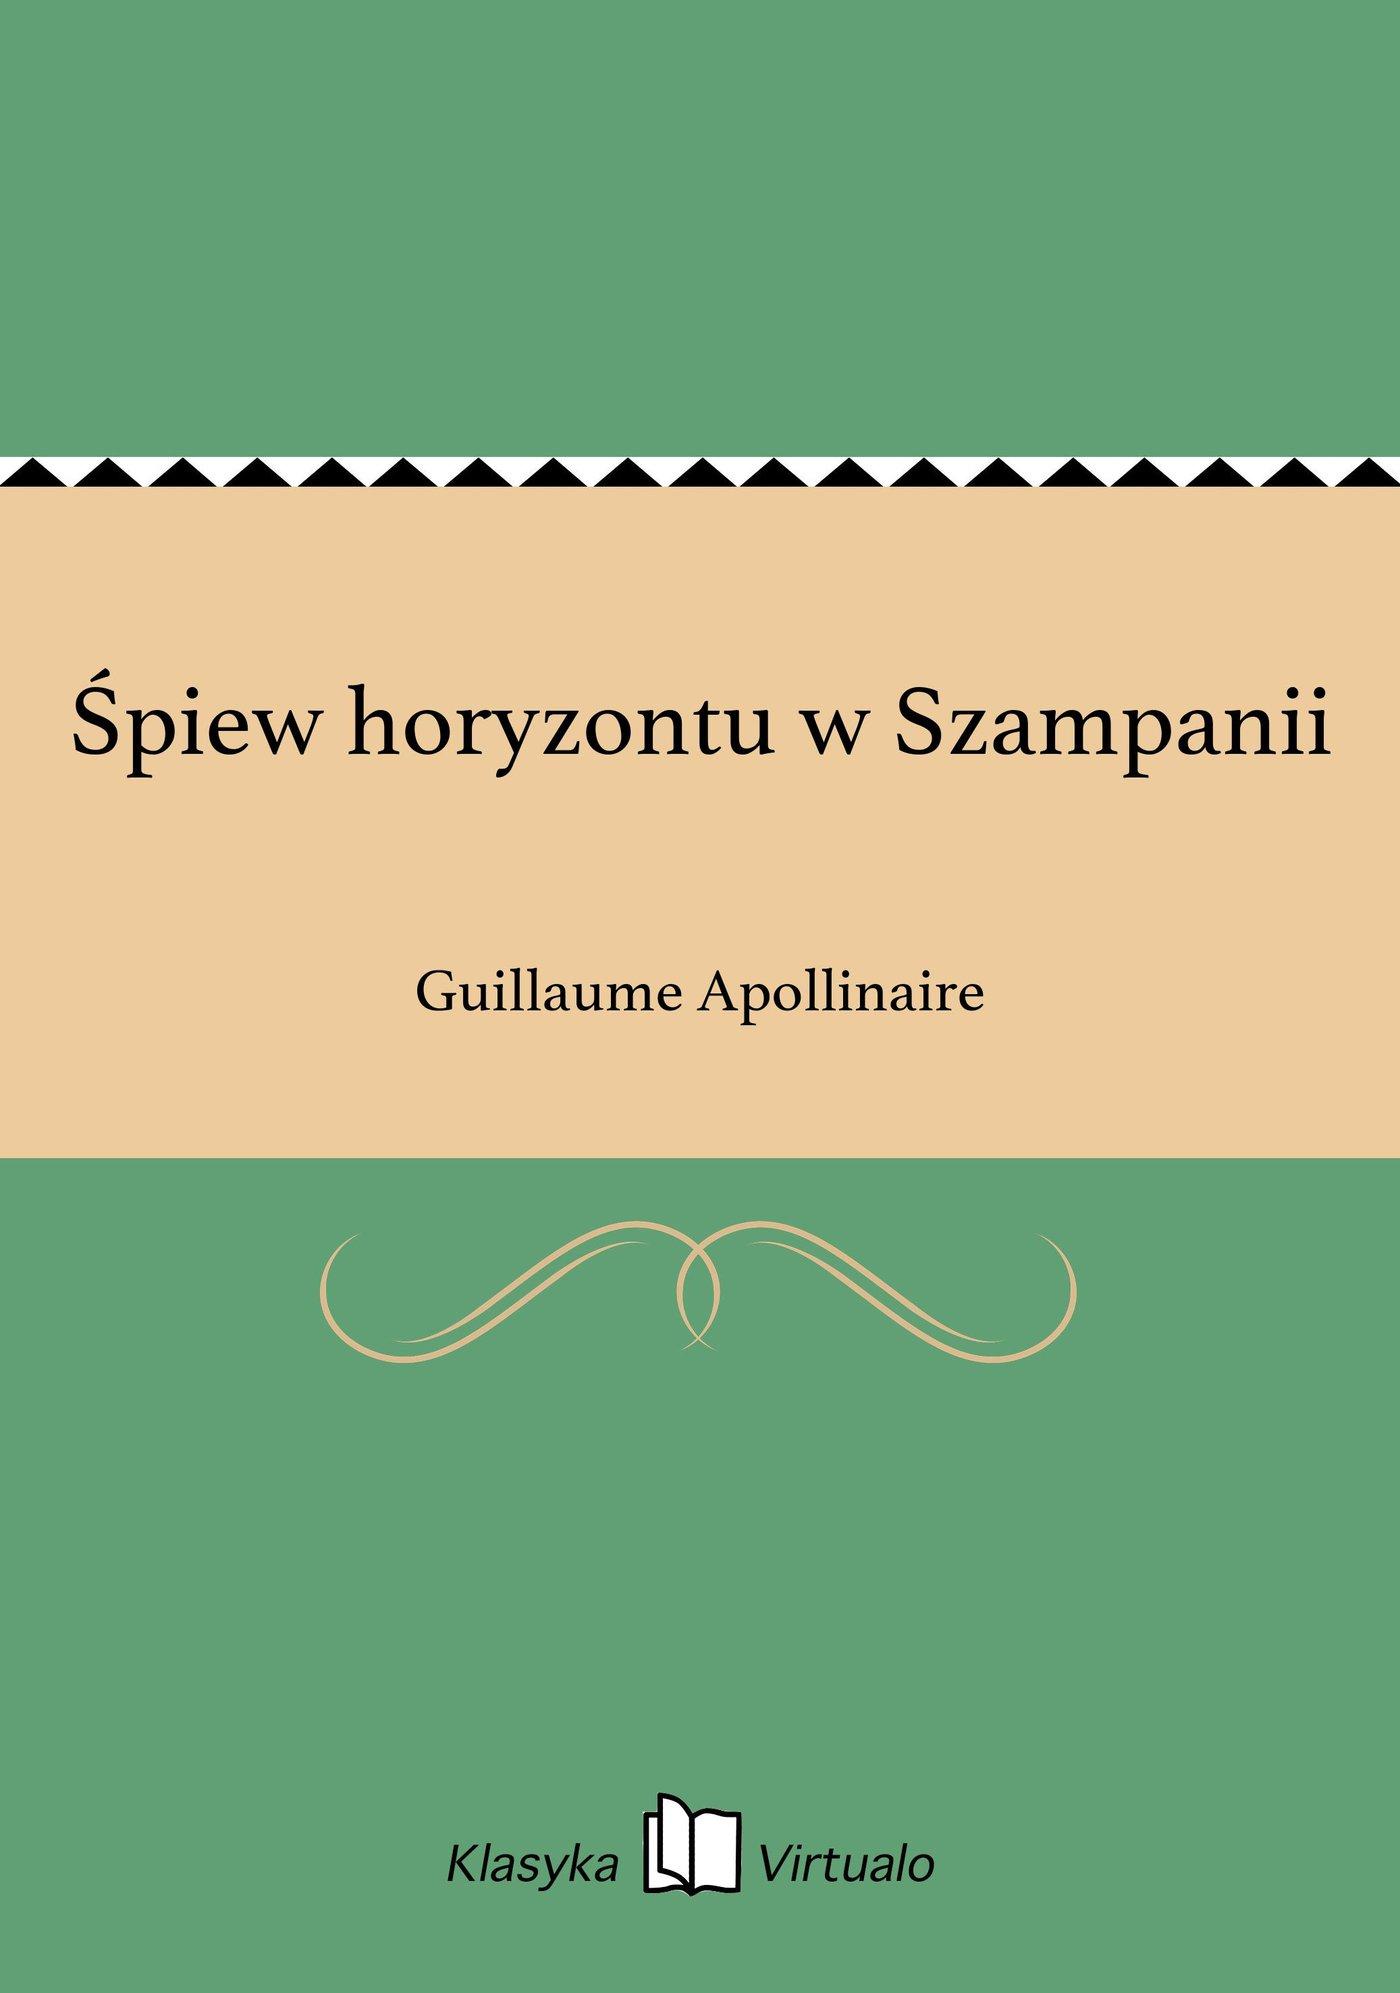 Śpiew horyzontu w Szampanii - Ebook (Książka EPUB) do pobrania w formacie EPUB